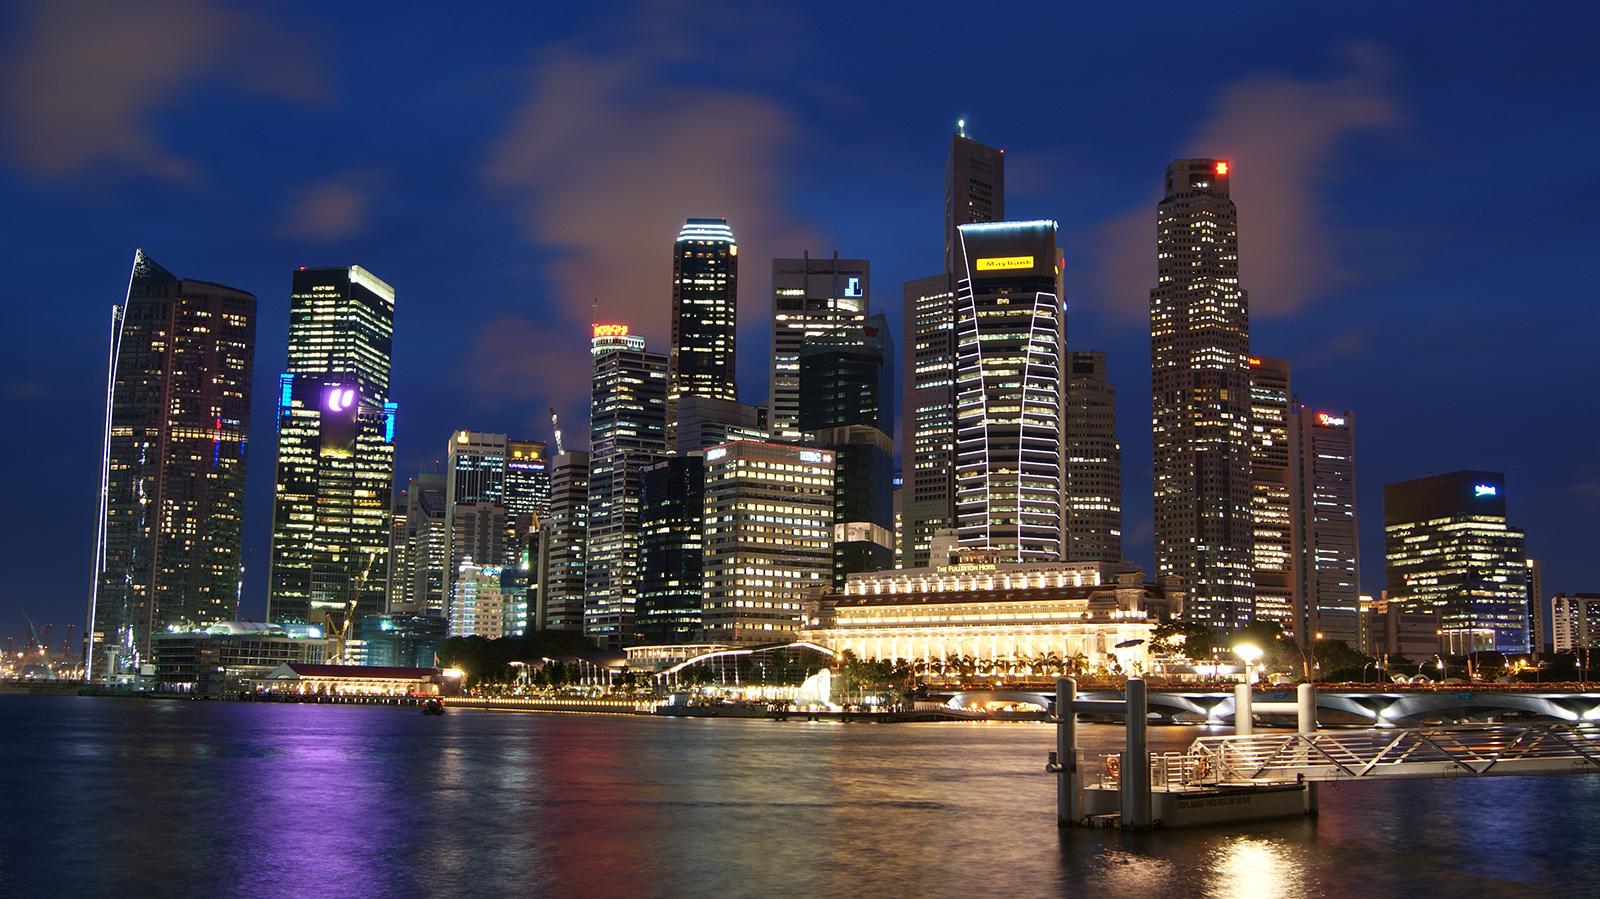 7 Wisata Gratis yang Bisa Kamu Kunjungi di Singapura